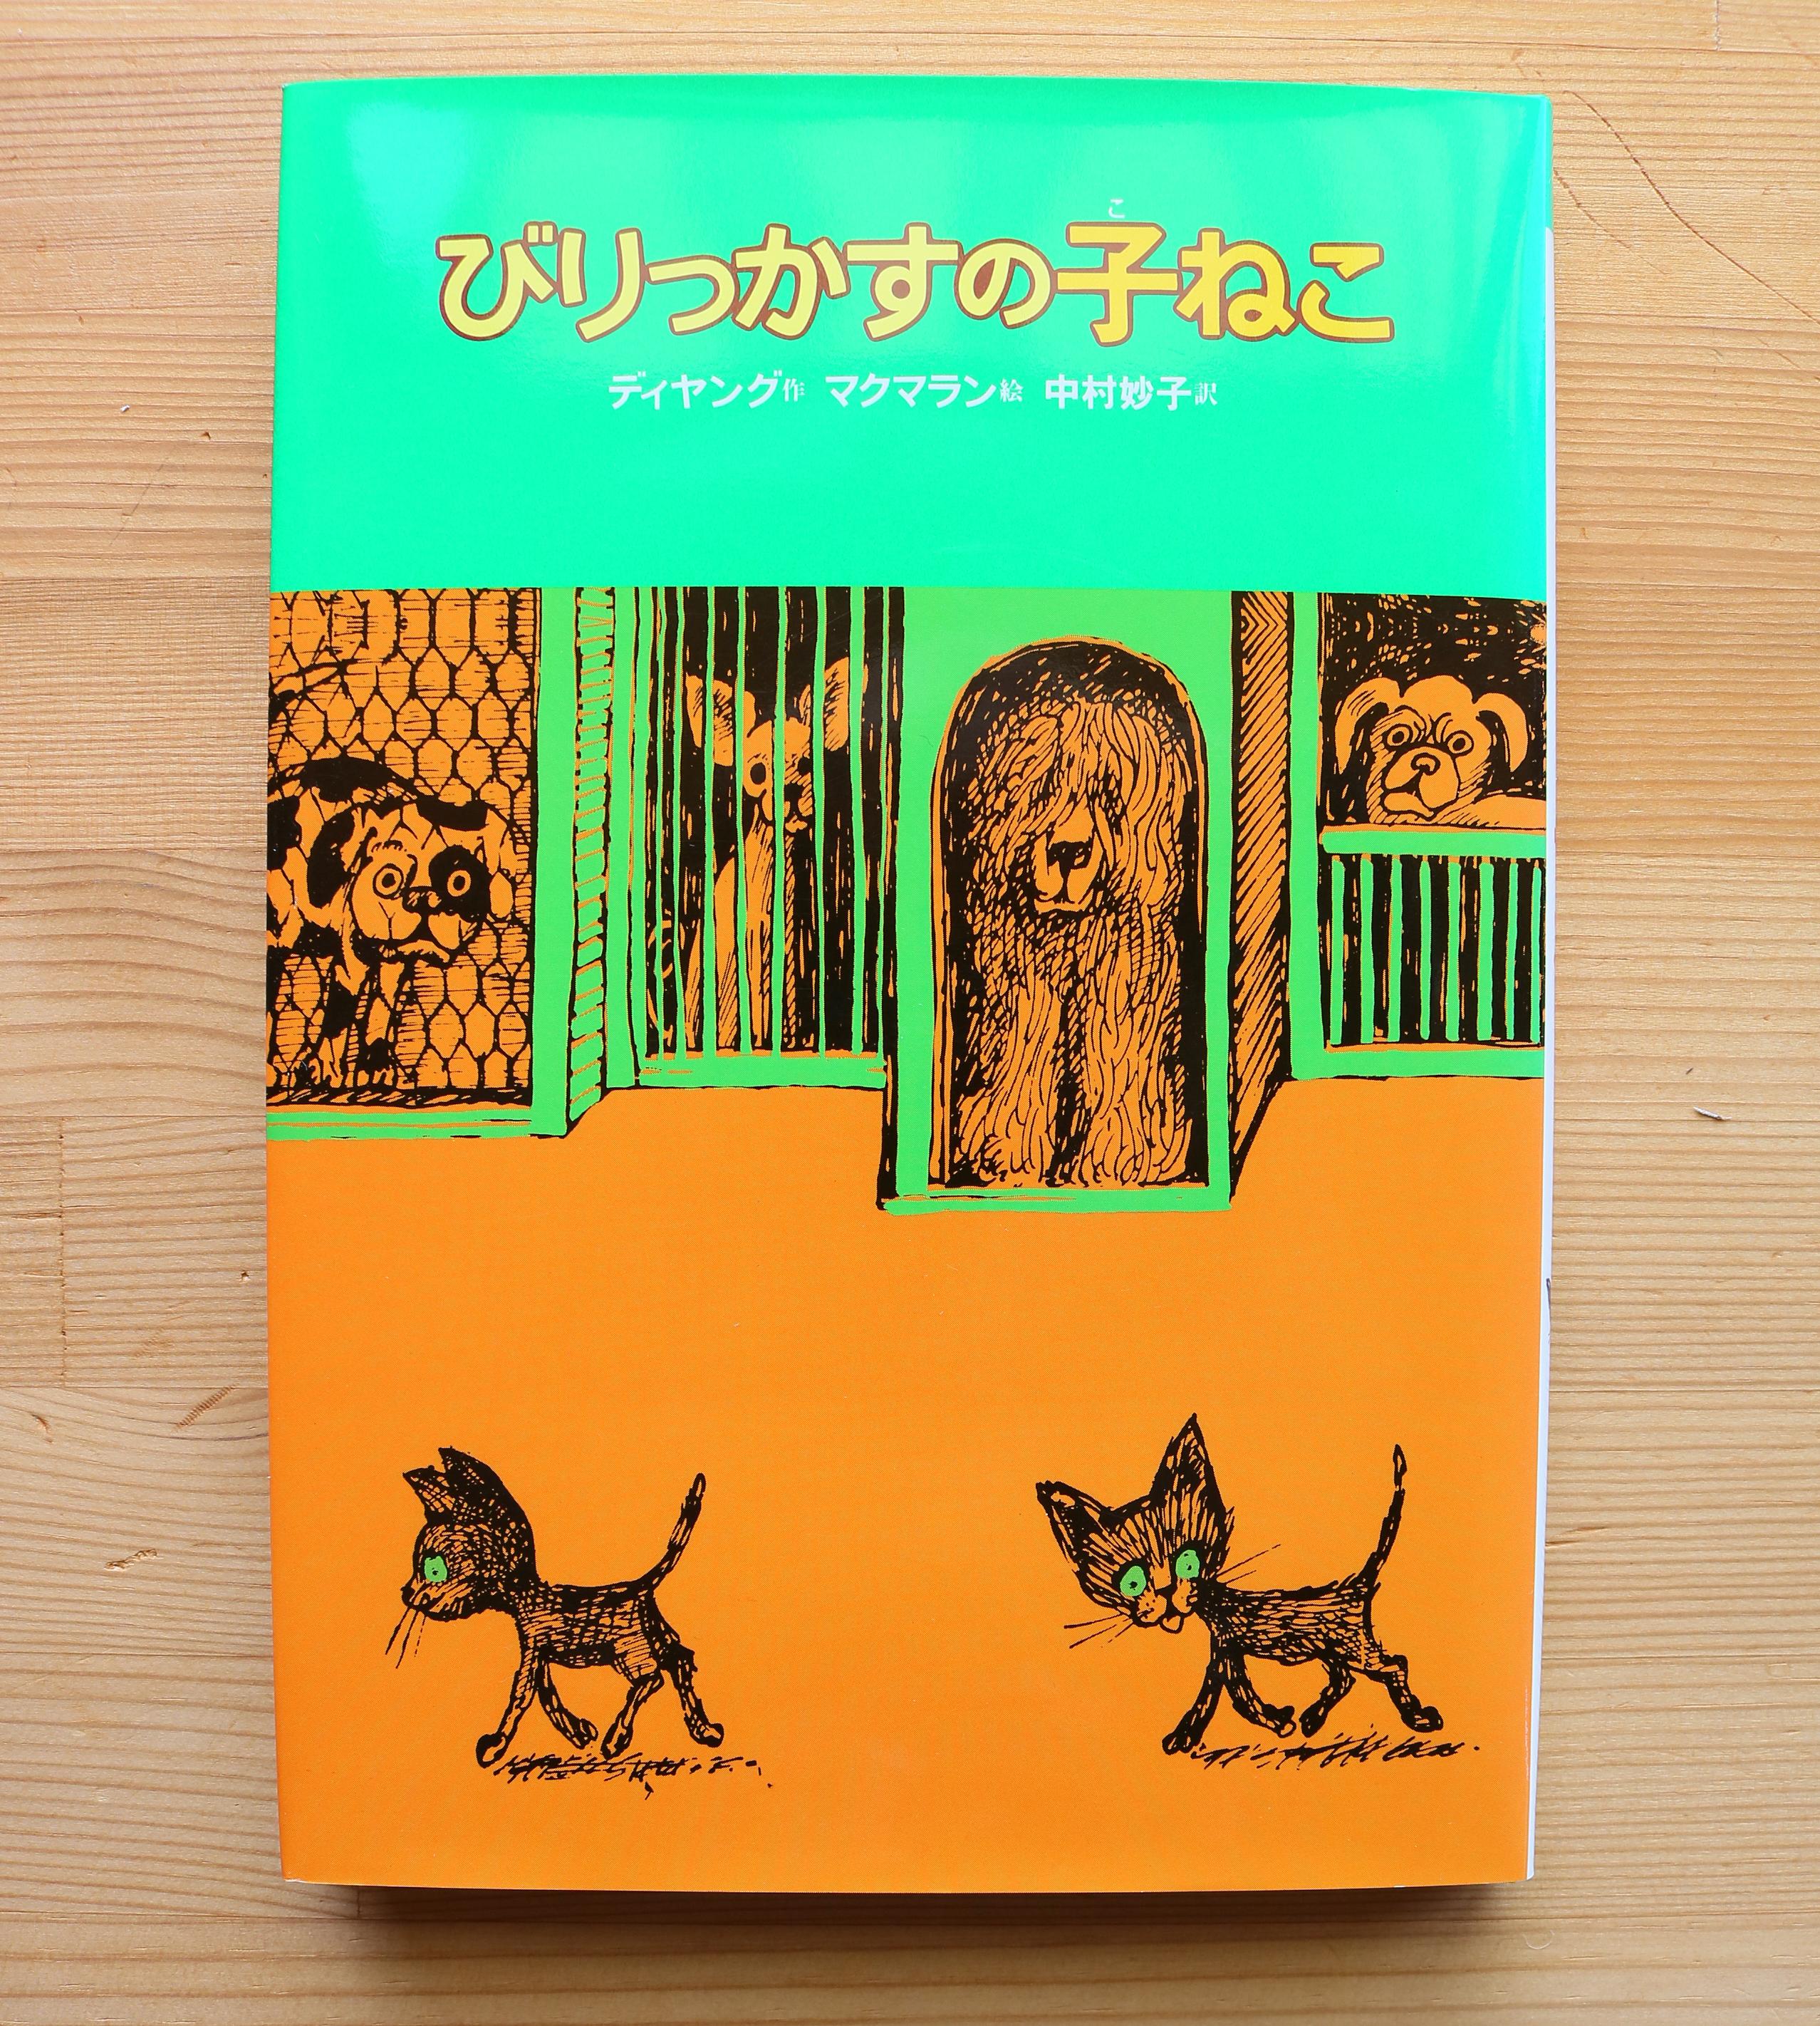 絵本 秋田 かぎしっぽ 猫絵本 大人絵本 びりっかすの子ねこ